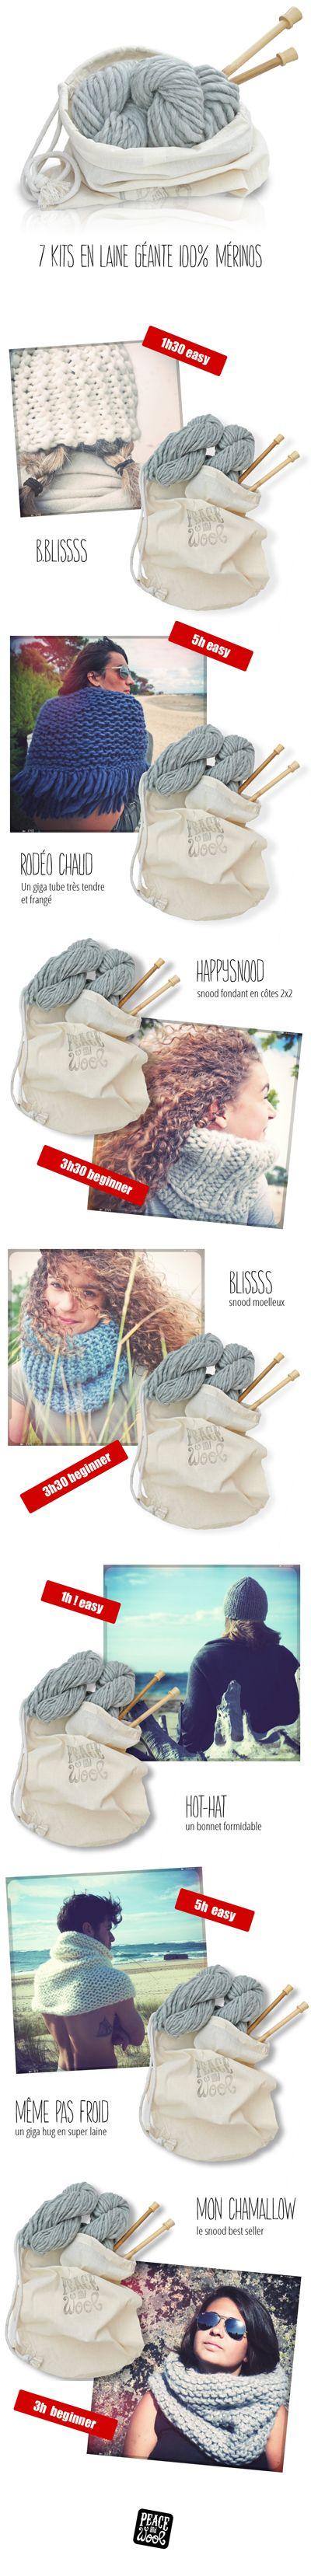 7 kits à tricoter avec de la laine géante 100% mérinos #knitting